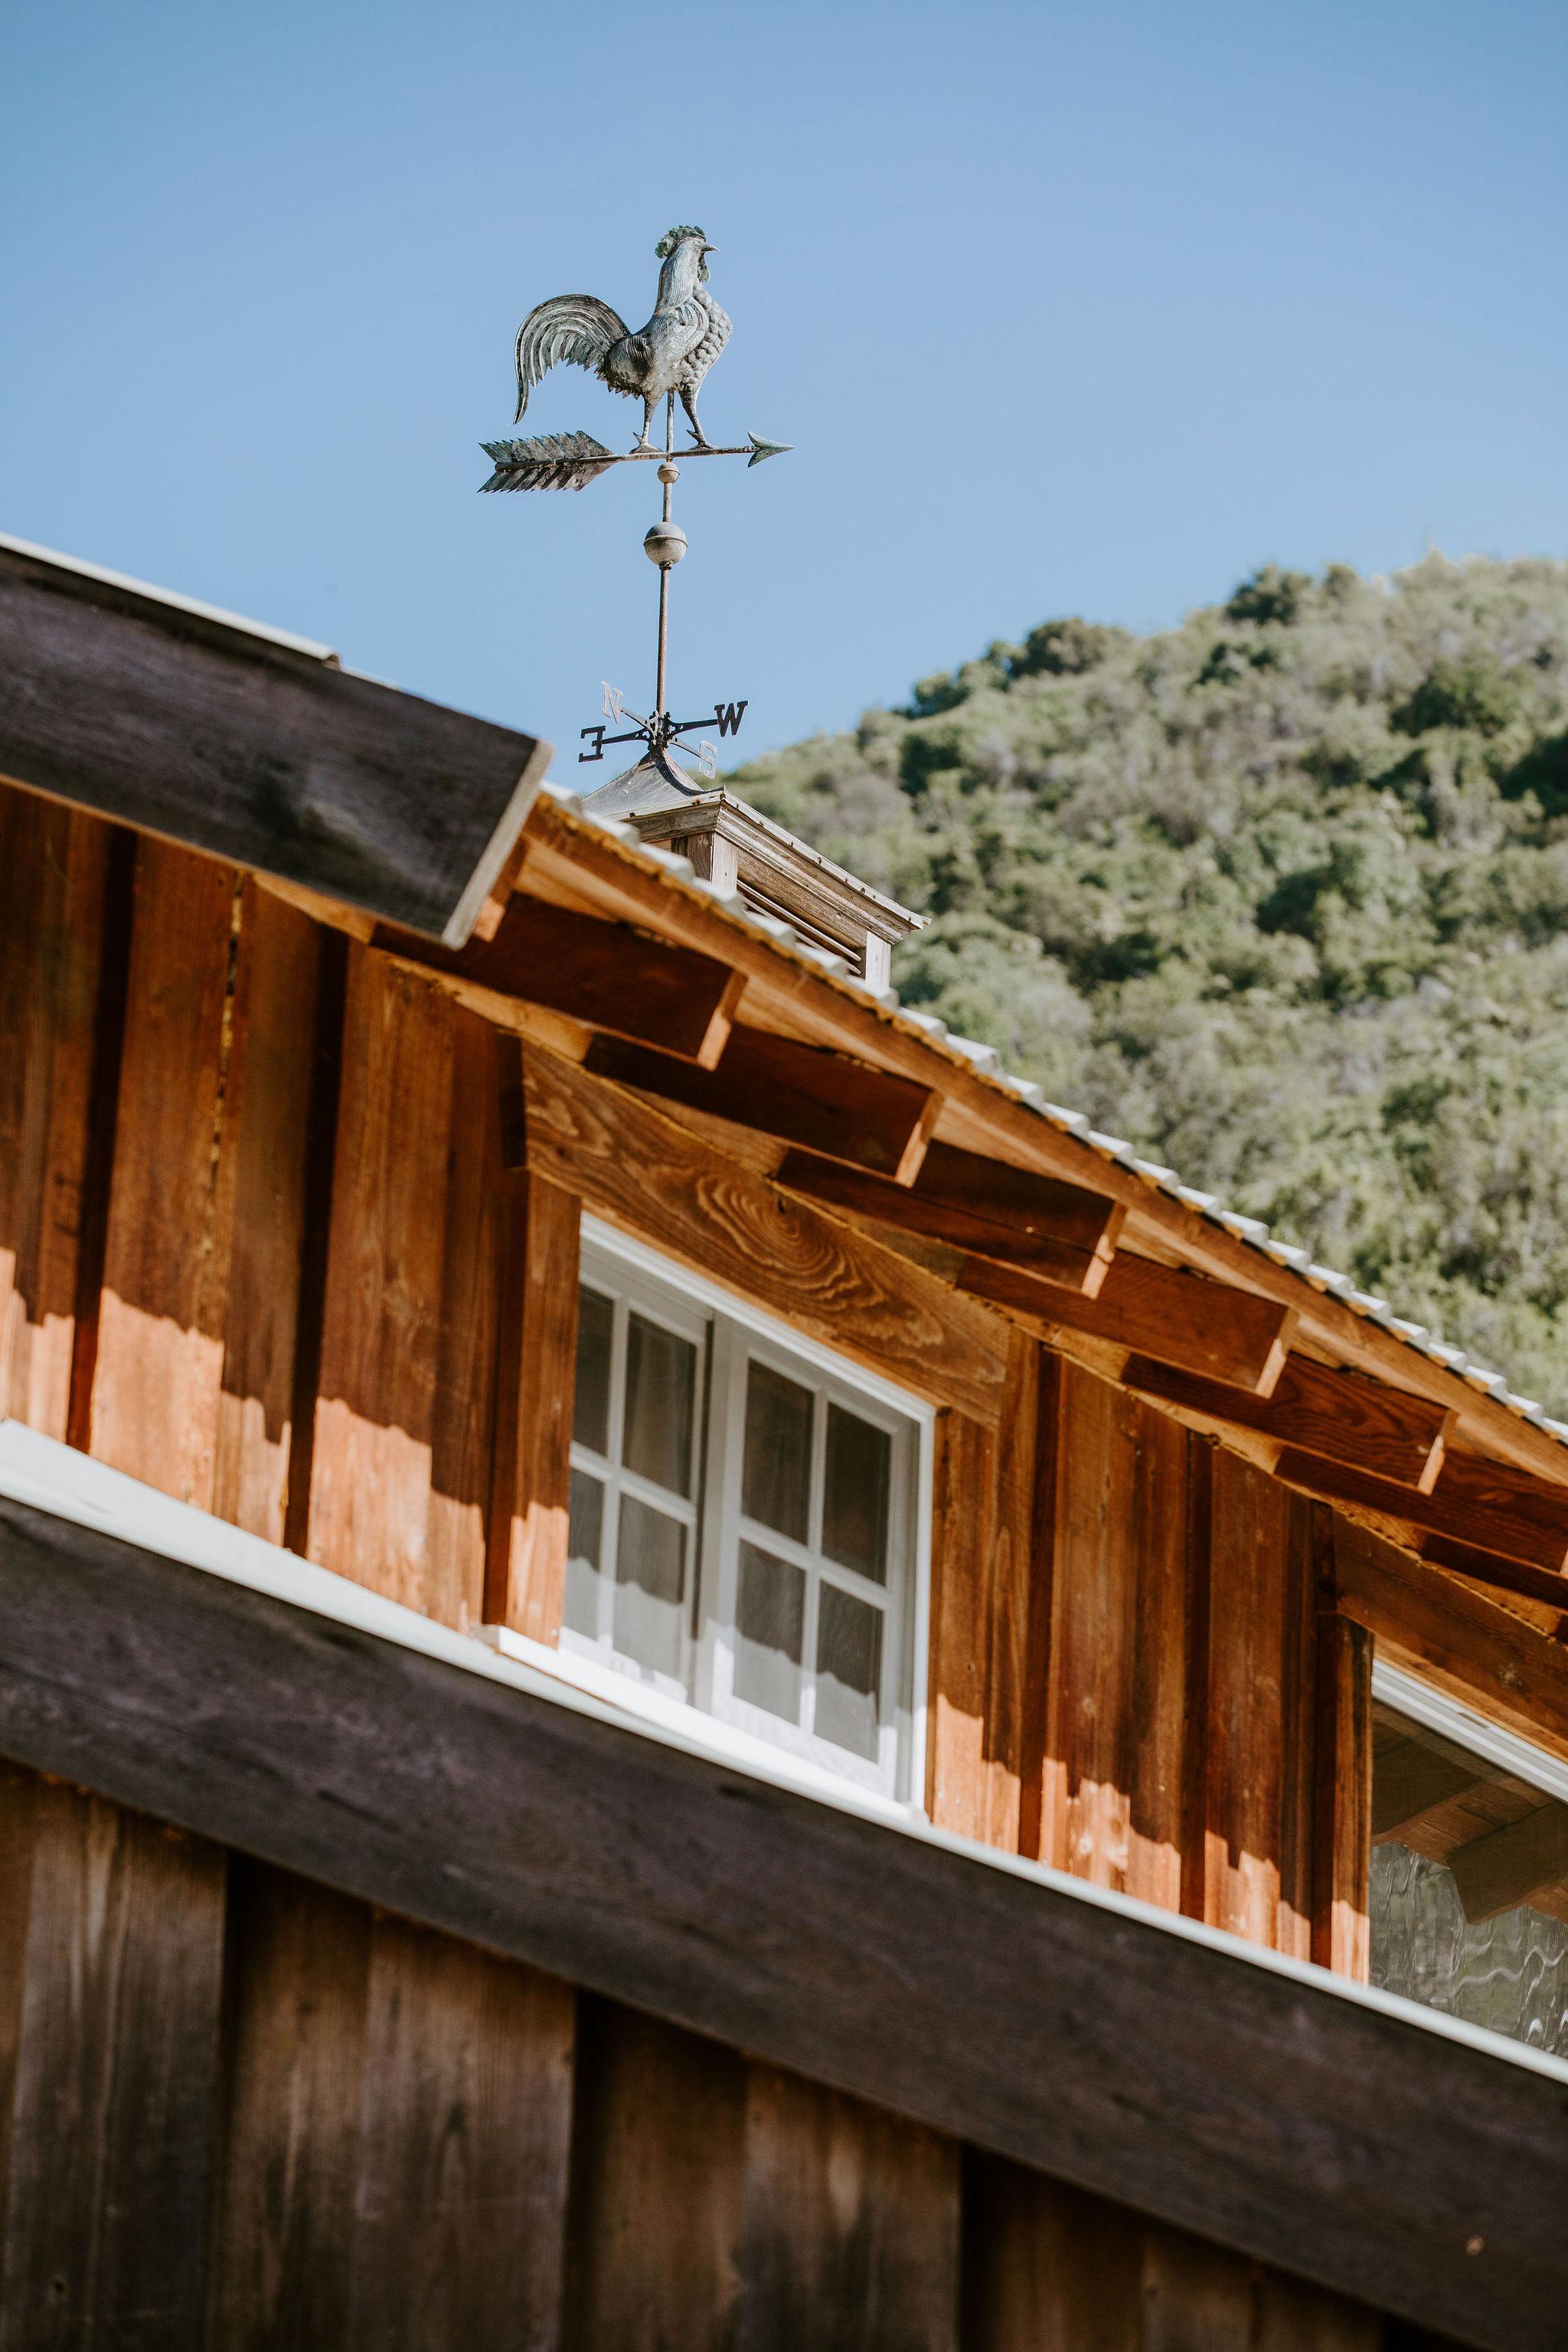 RedwoodRanch_Geoff&LyndsiPhotography_Mike&Amanda_GettingReady11.jpg